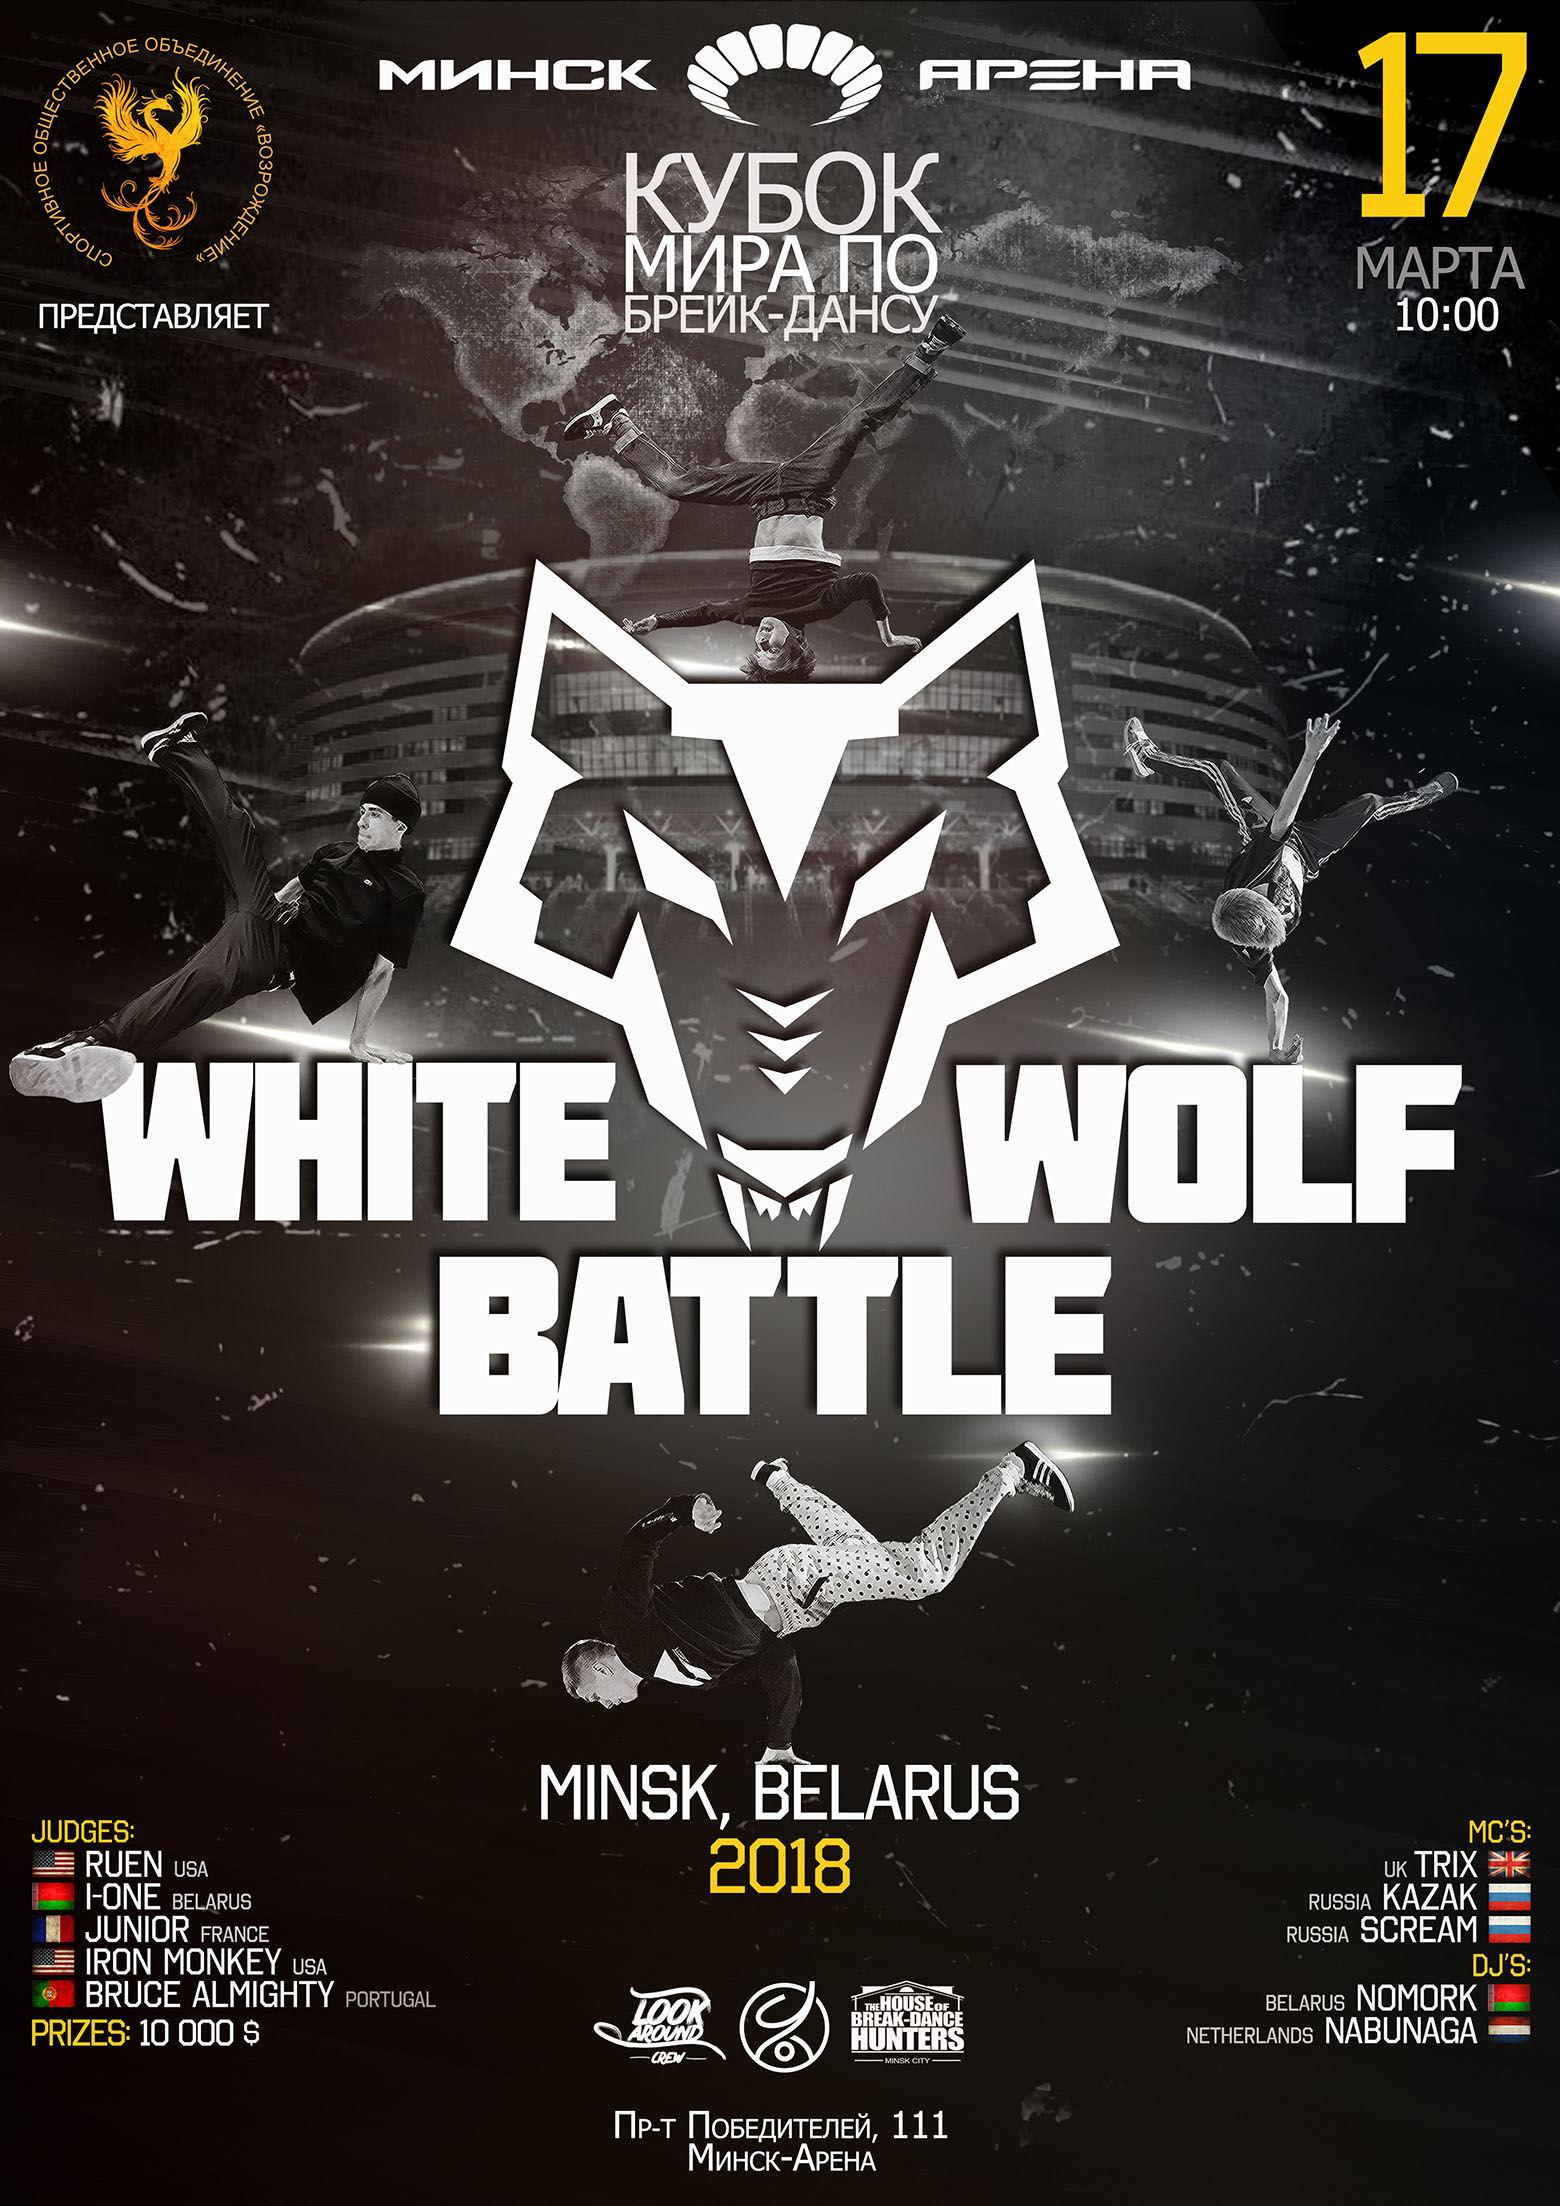 Открытый Кубок Мира по брейк-дансу WHITE WOLF BATTLE